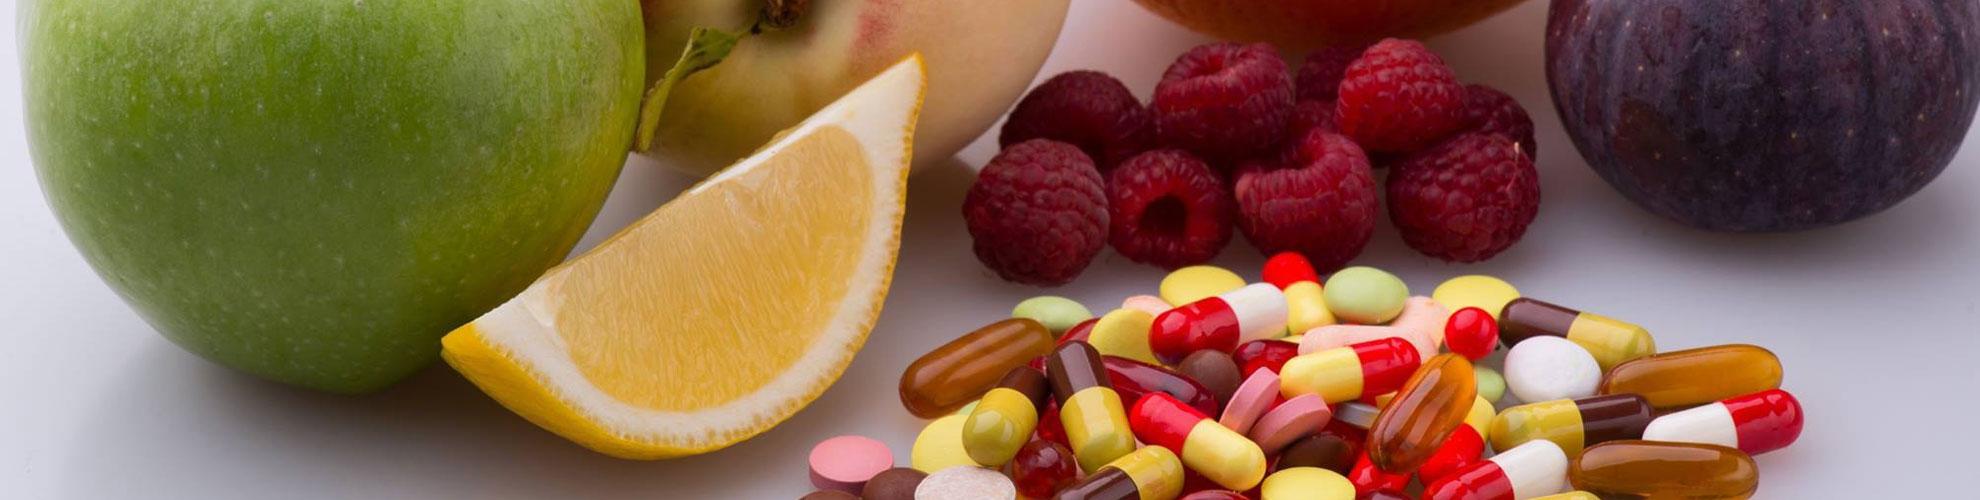 Vitmains And Fruits